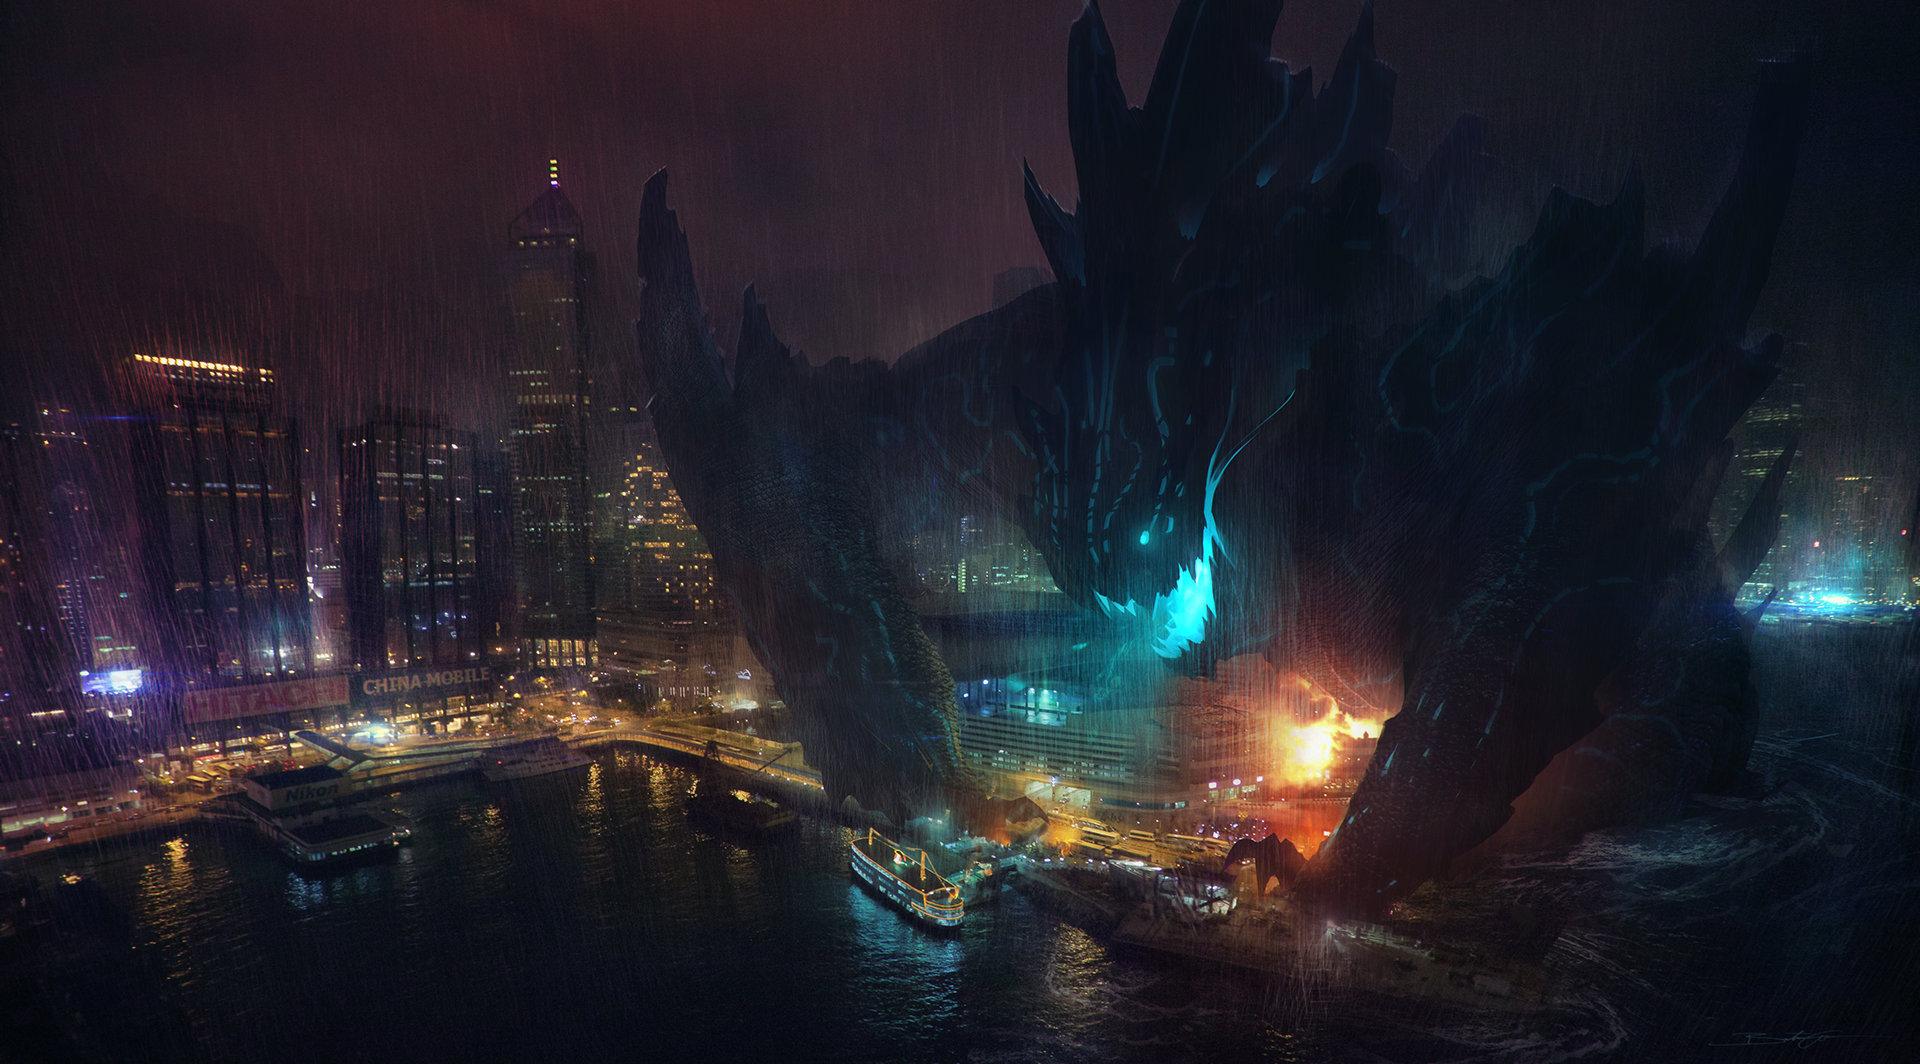 Kaiju and Jaeger Inspi...